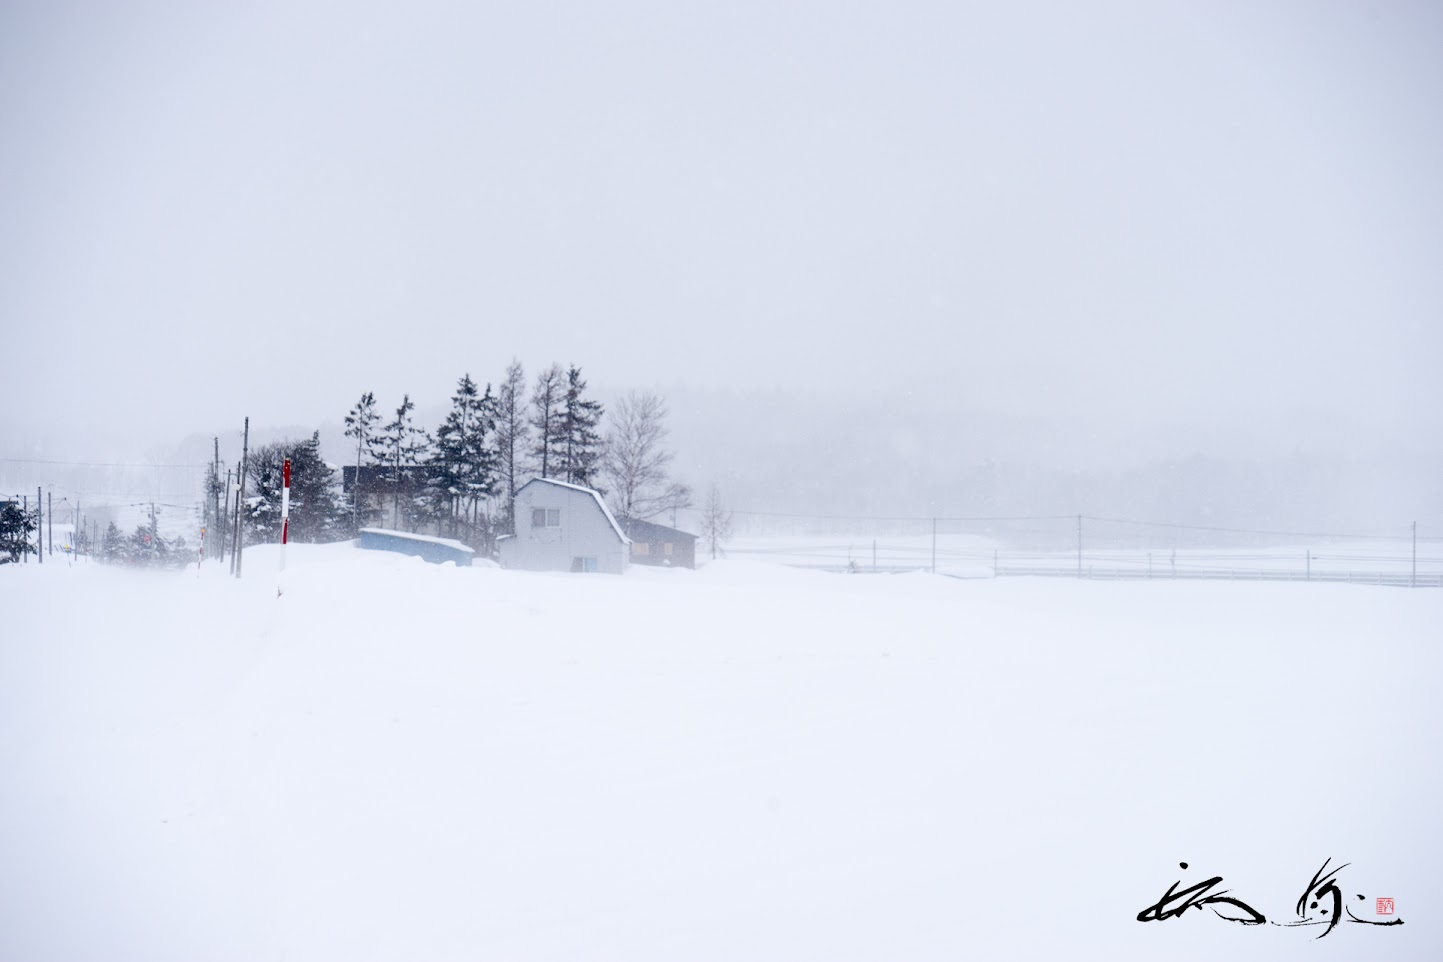 吹雪舞う白い風景